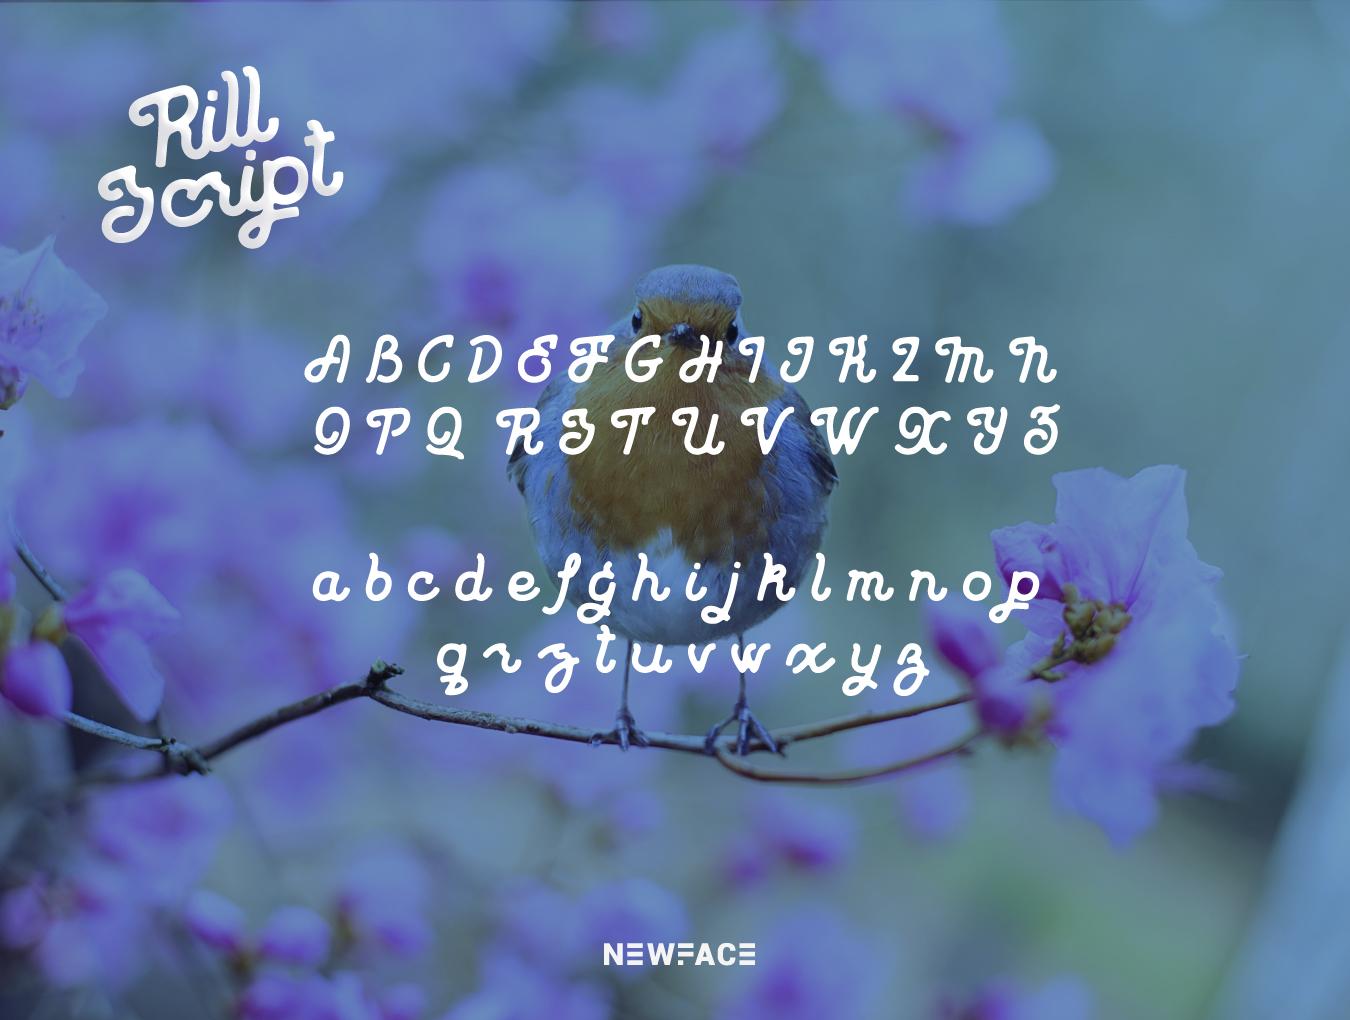 老式复古脚本拉丁语字体 Rill Script插图(3)